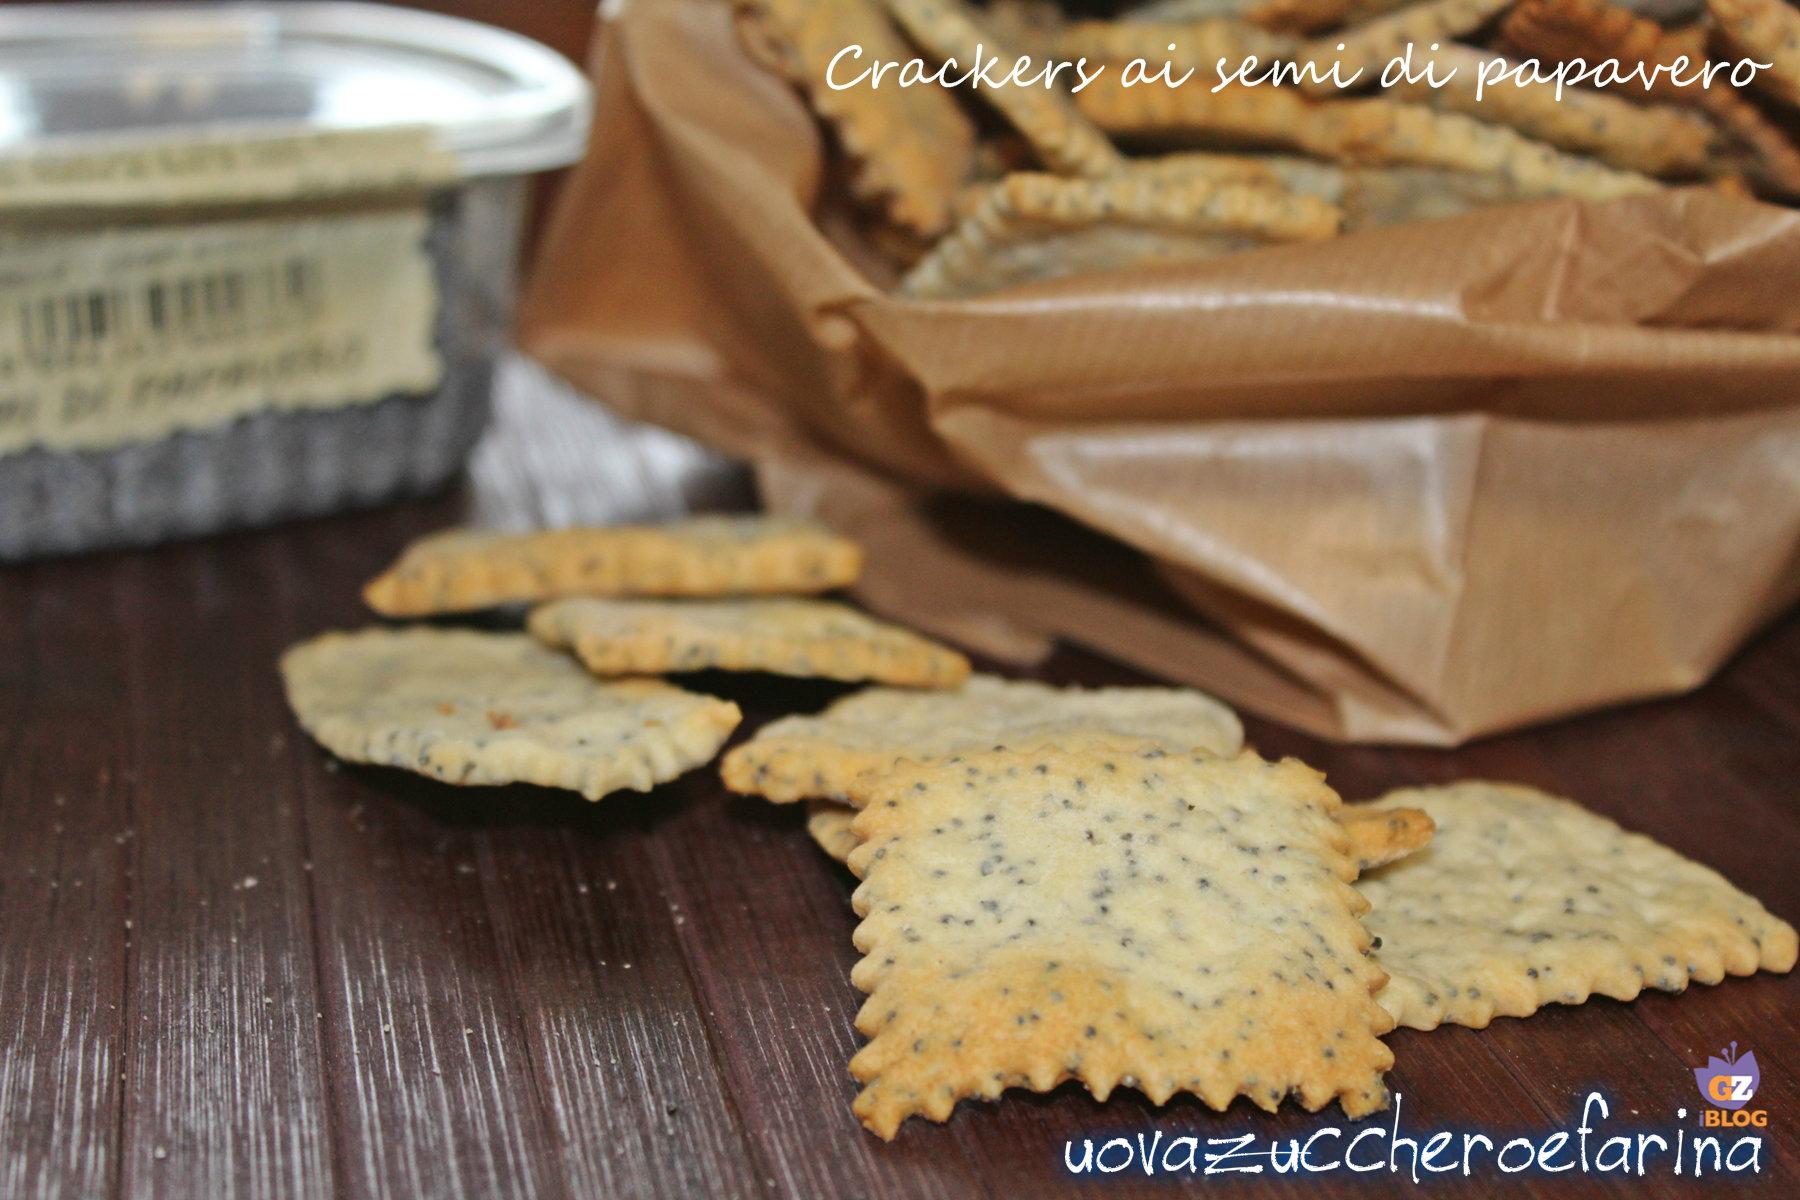 crackers ai semi di papavero con licoli new